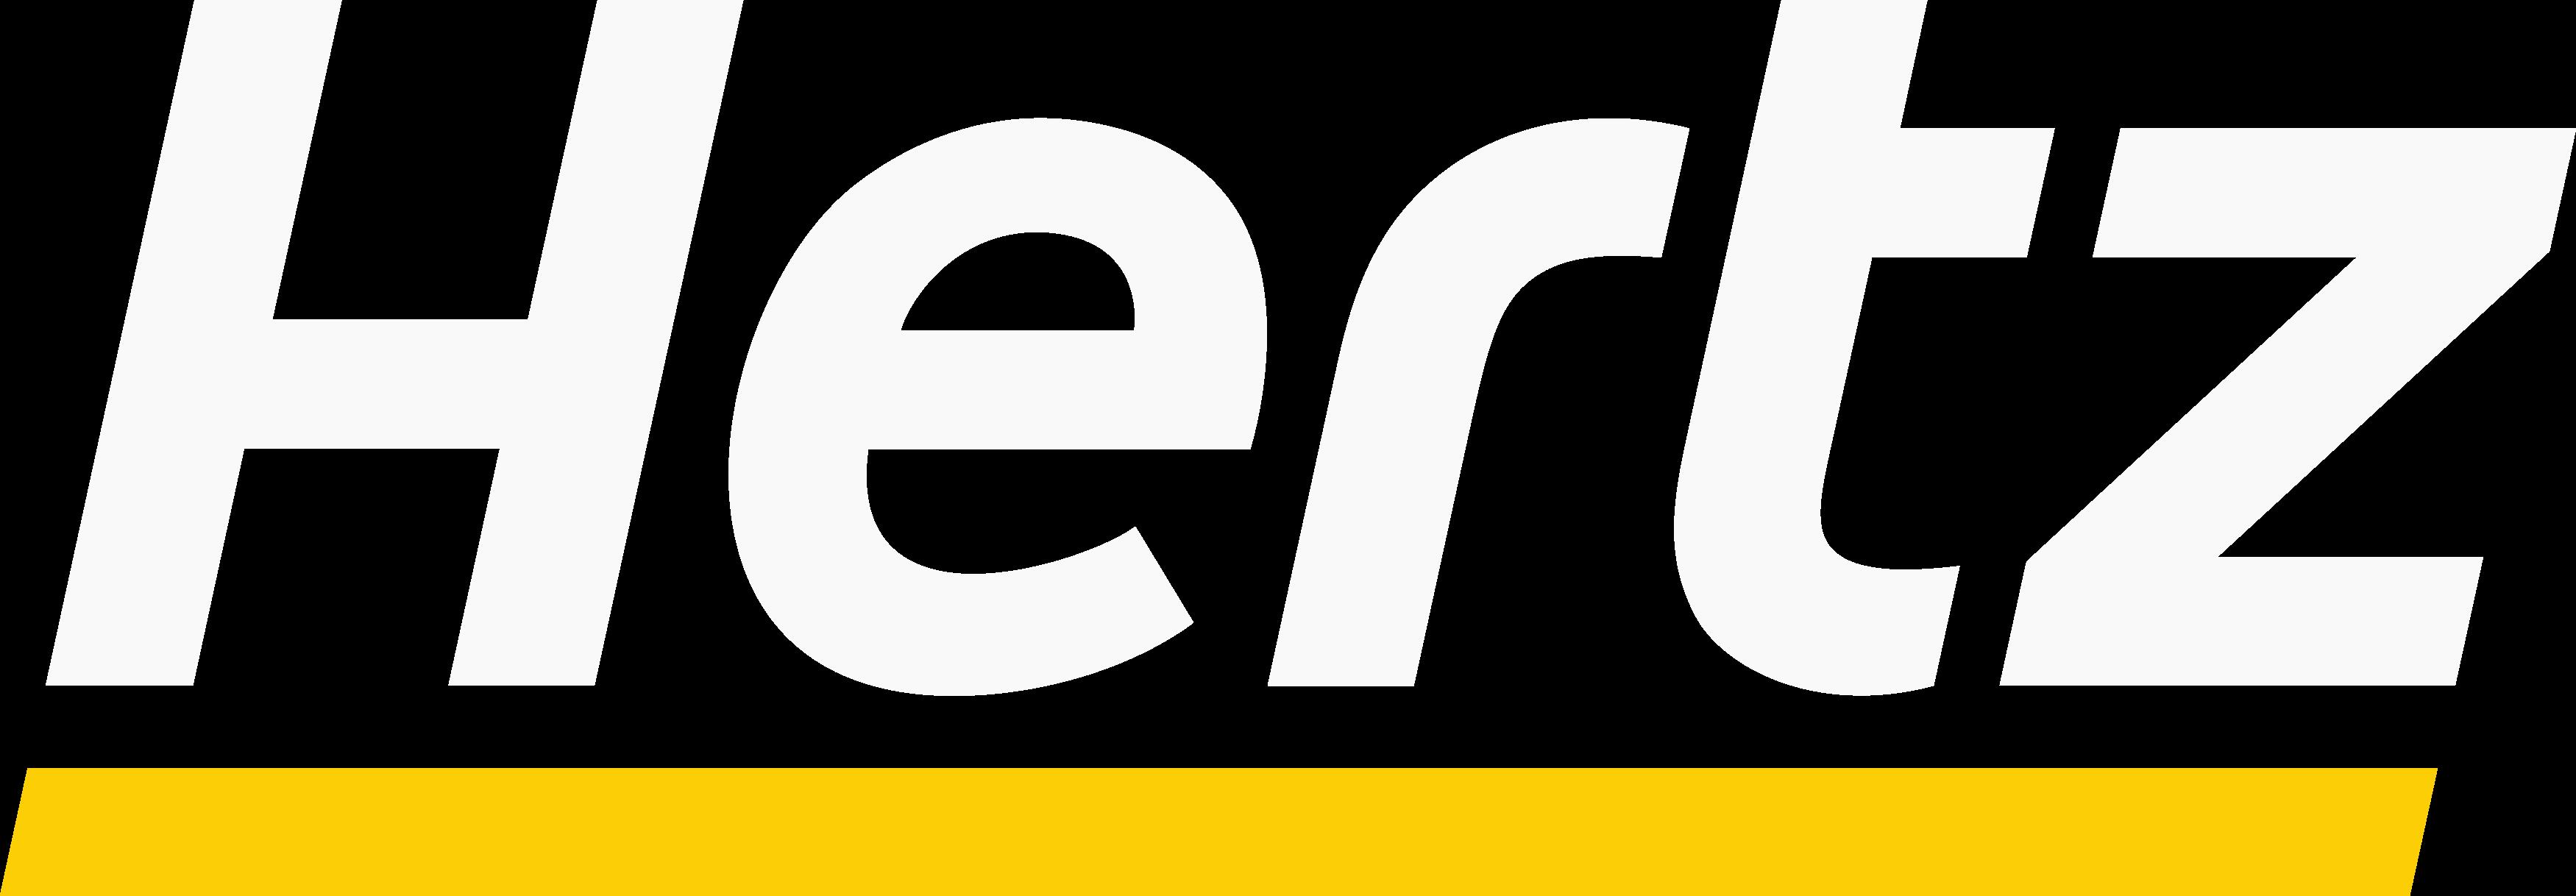 hertz logo  - Hertz Logo